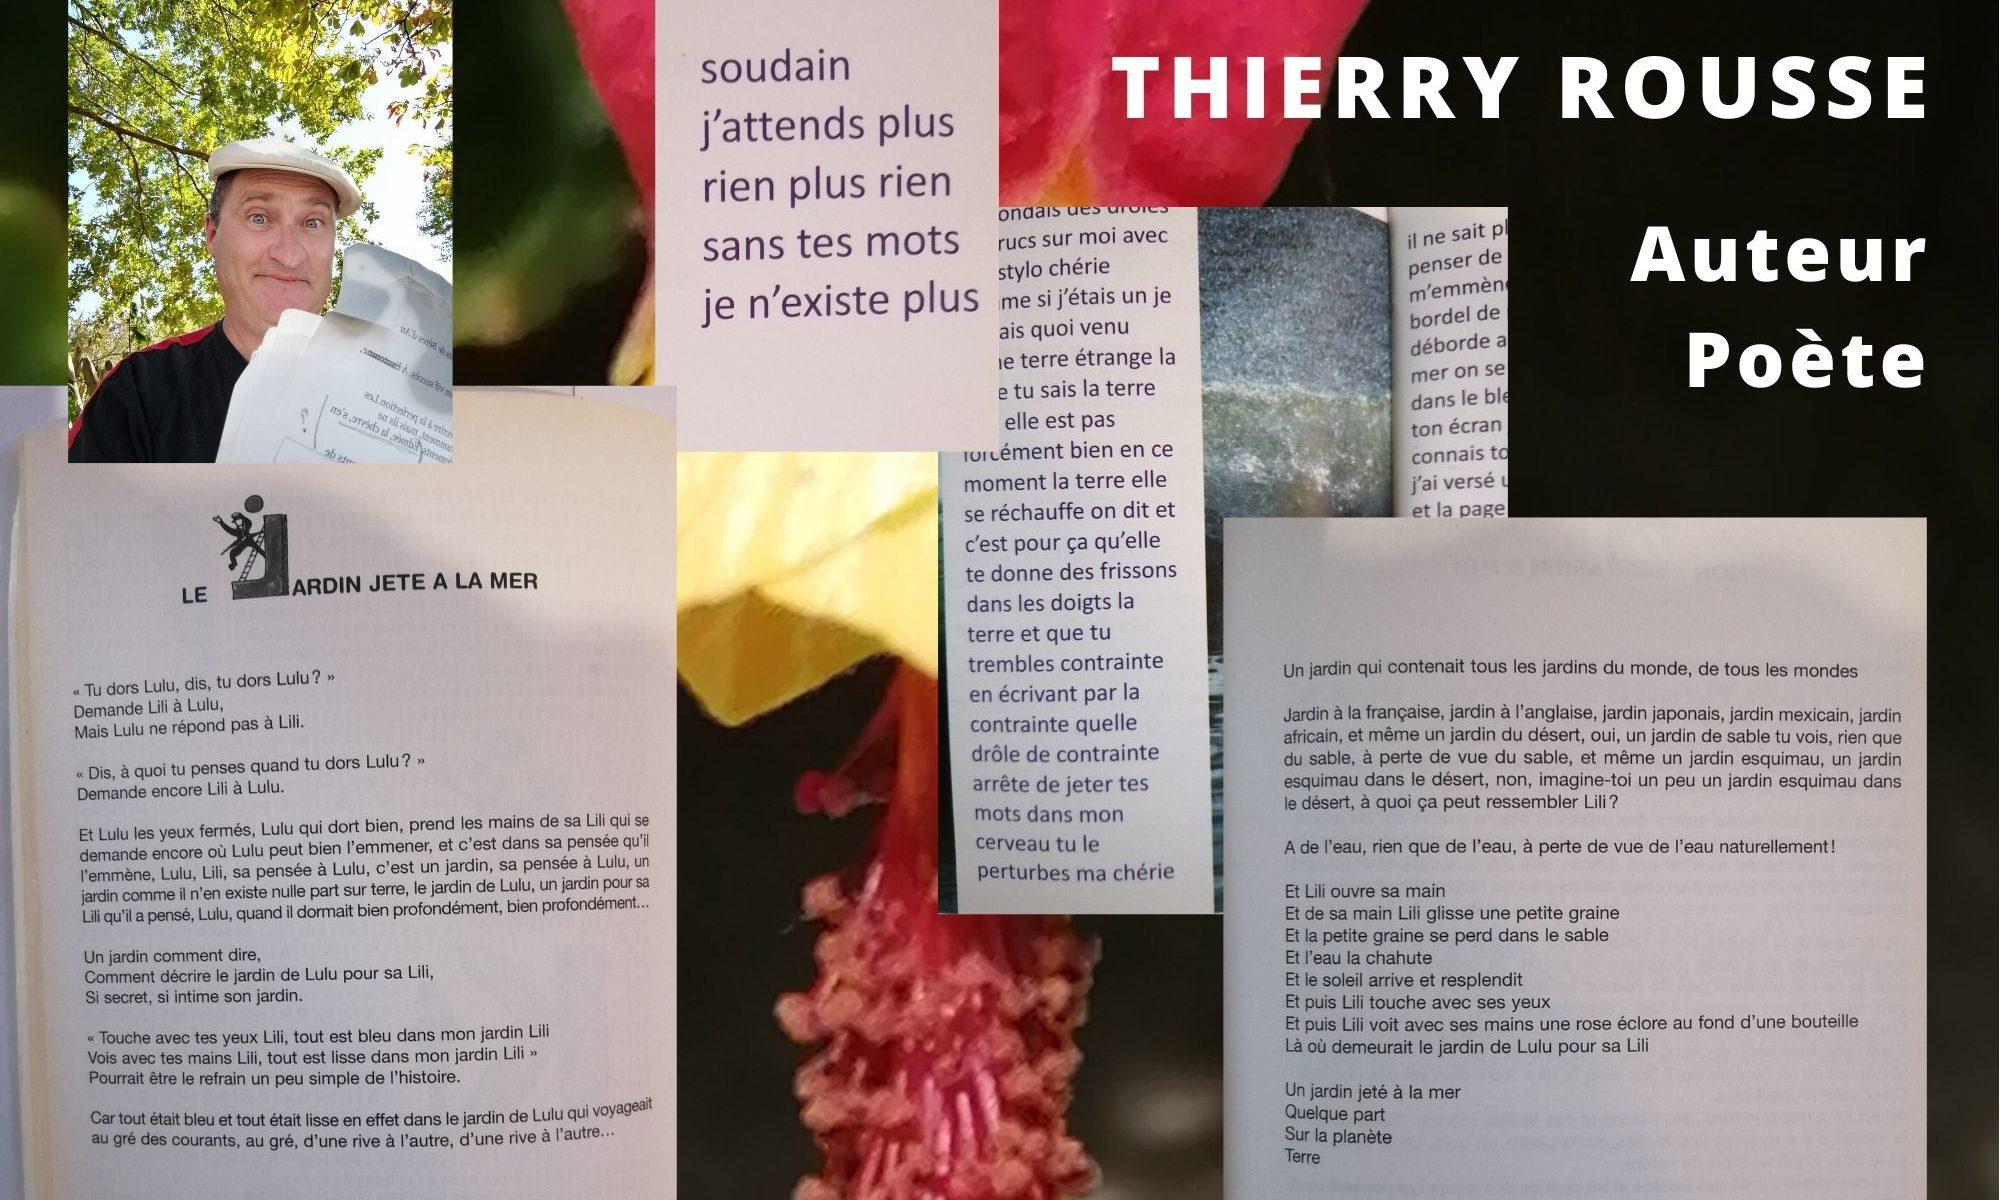 Thierry Rousse, Auteur, Poète